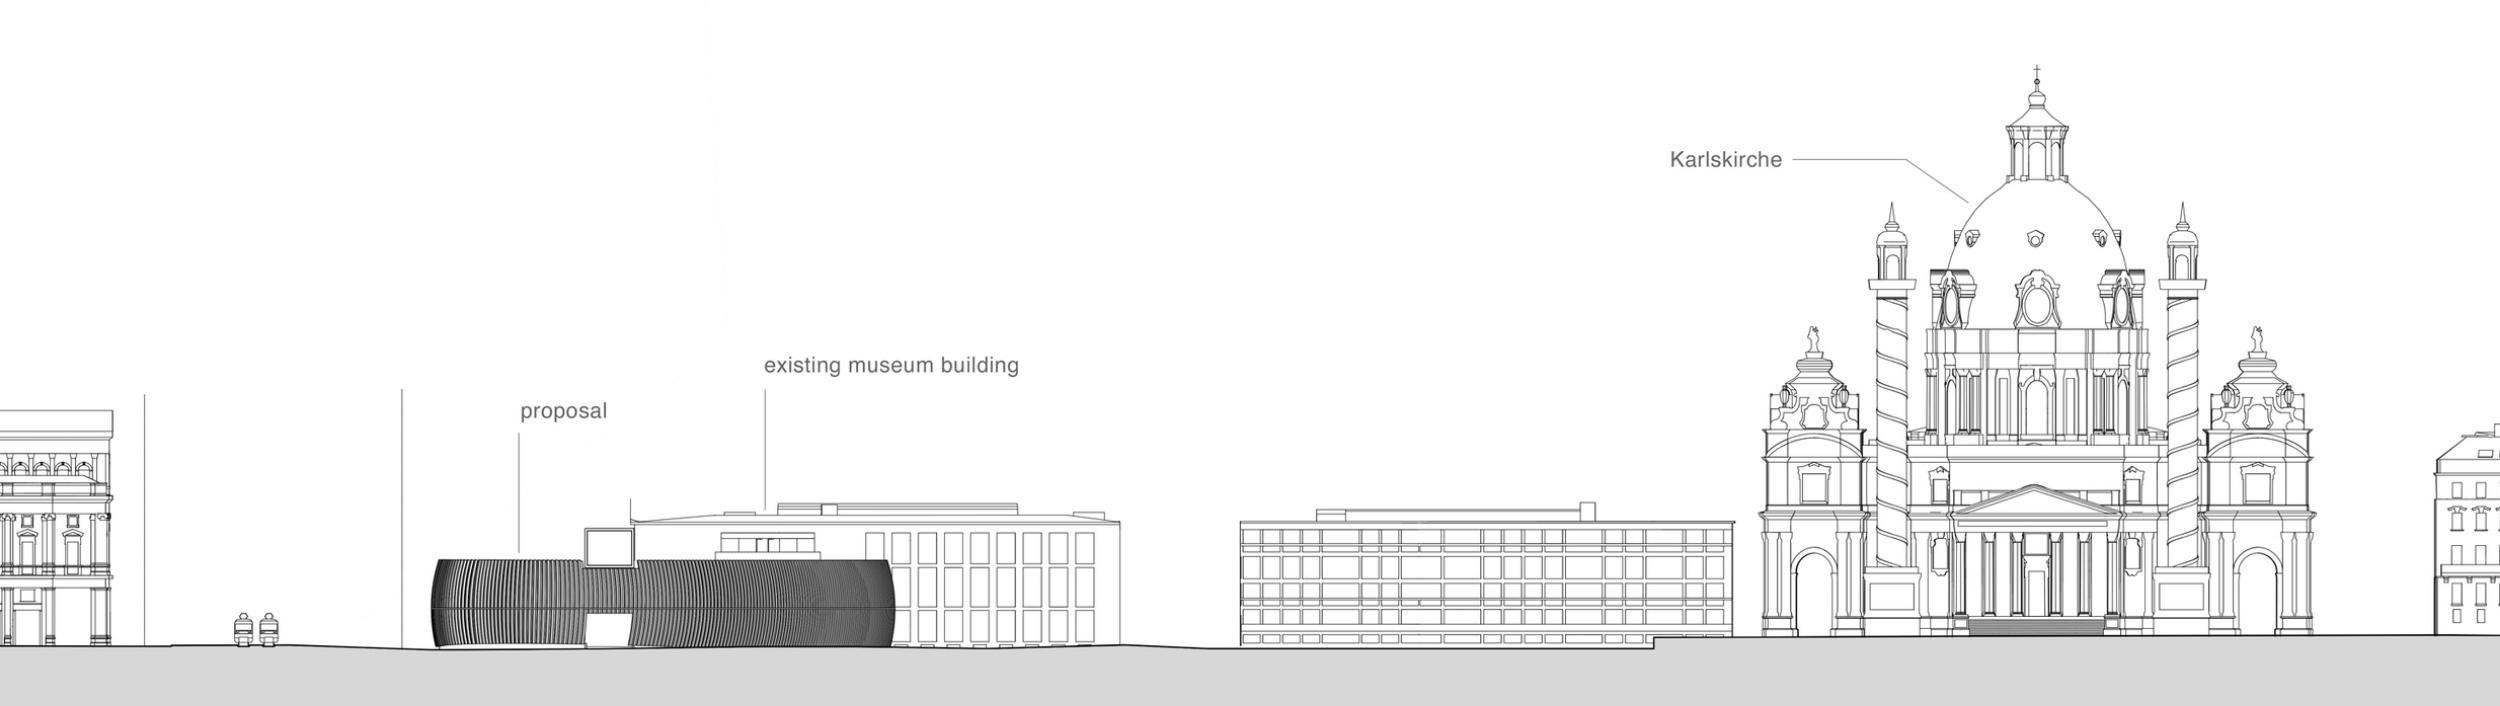 Karlsplatz Elevation